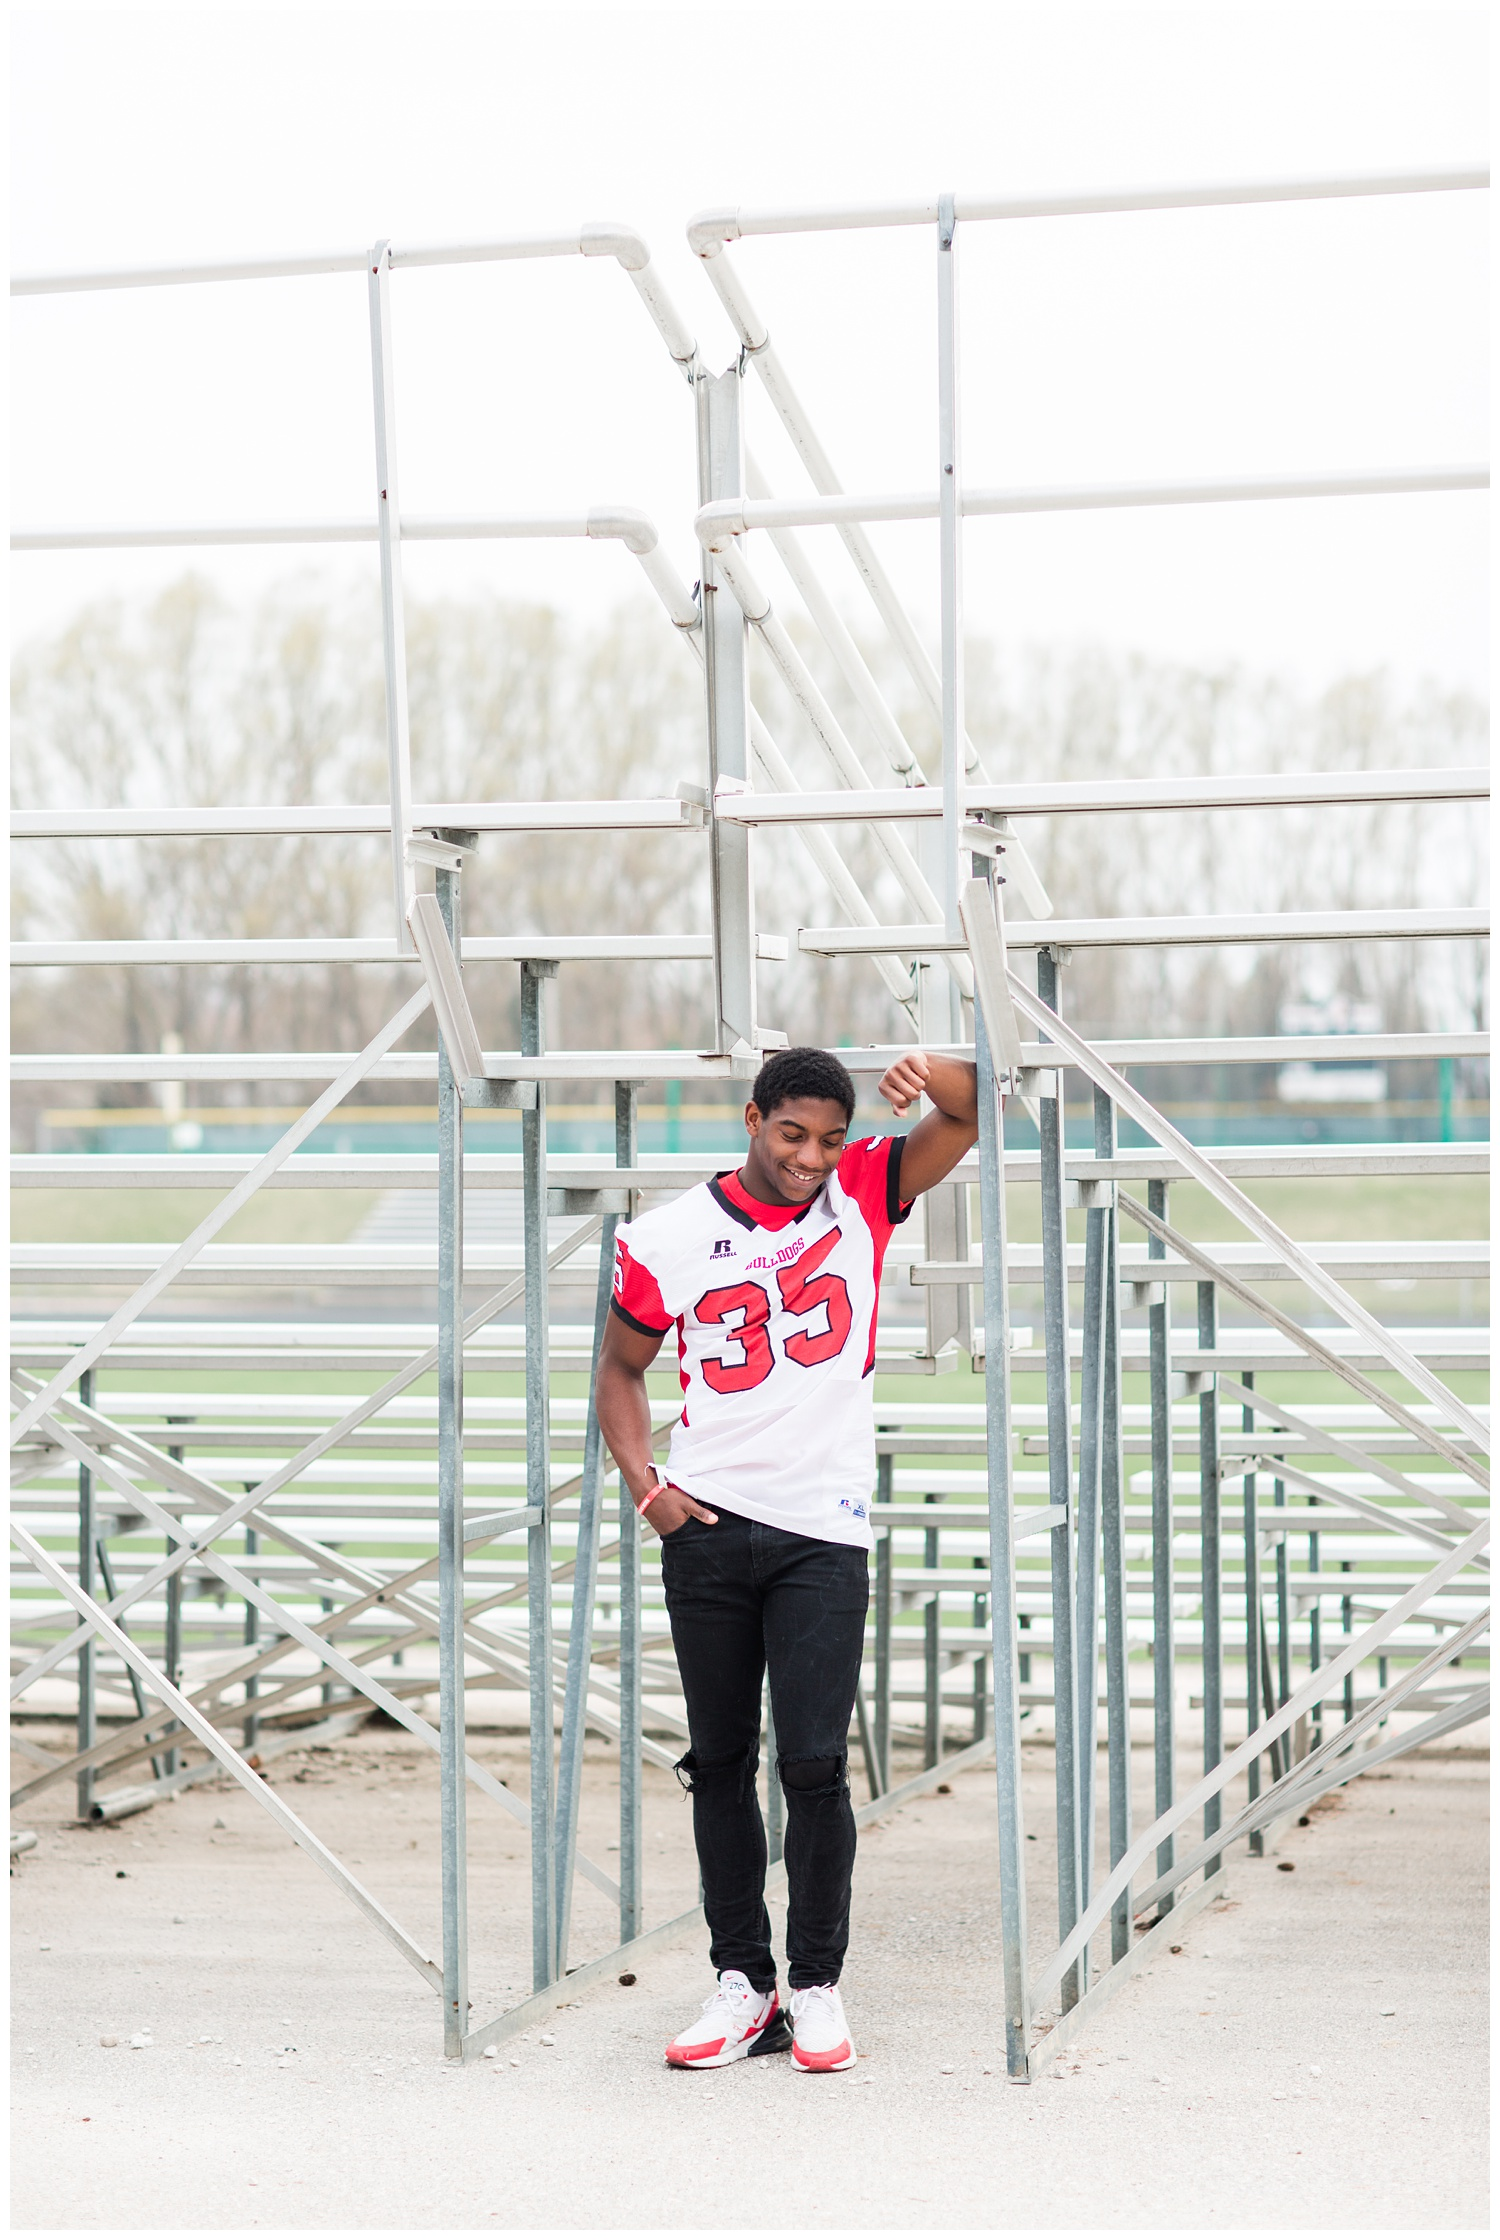 Algona senior football player leaning against the bleachers